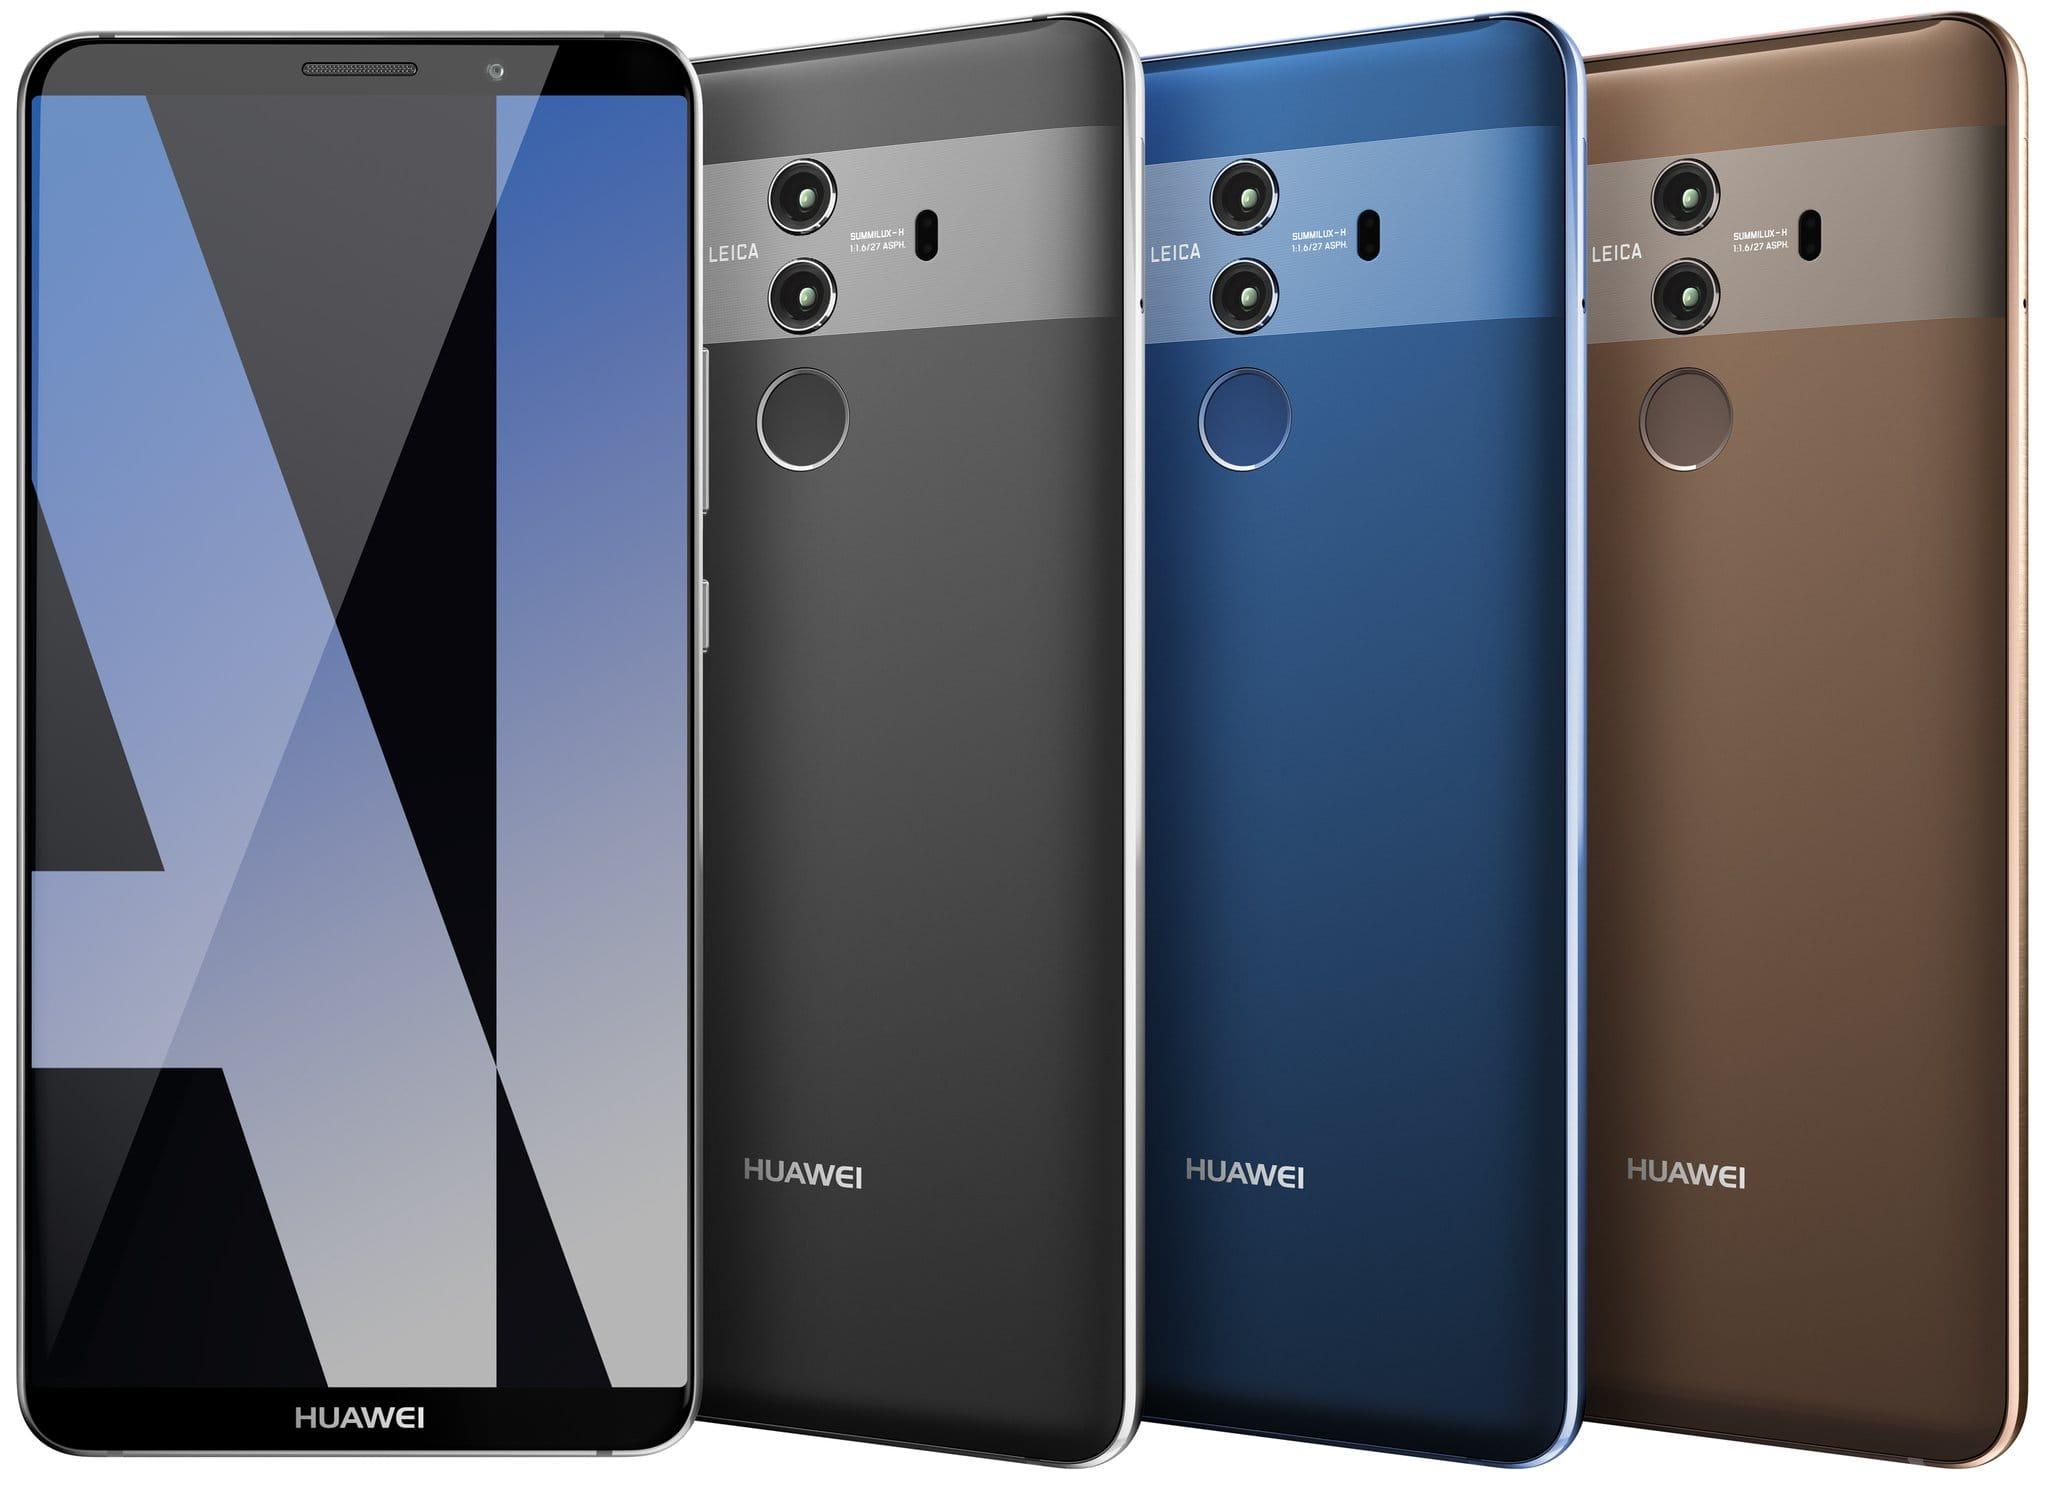 ВСеть попали кадры телефона Huawei Mate 10